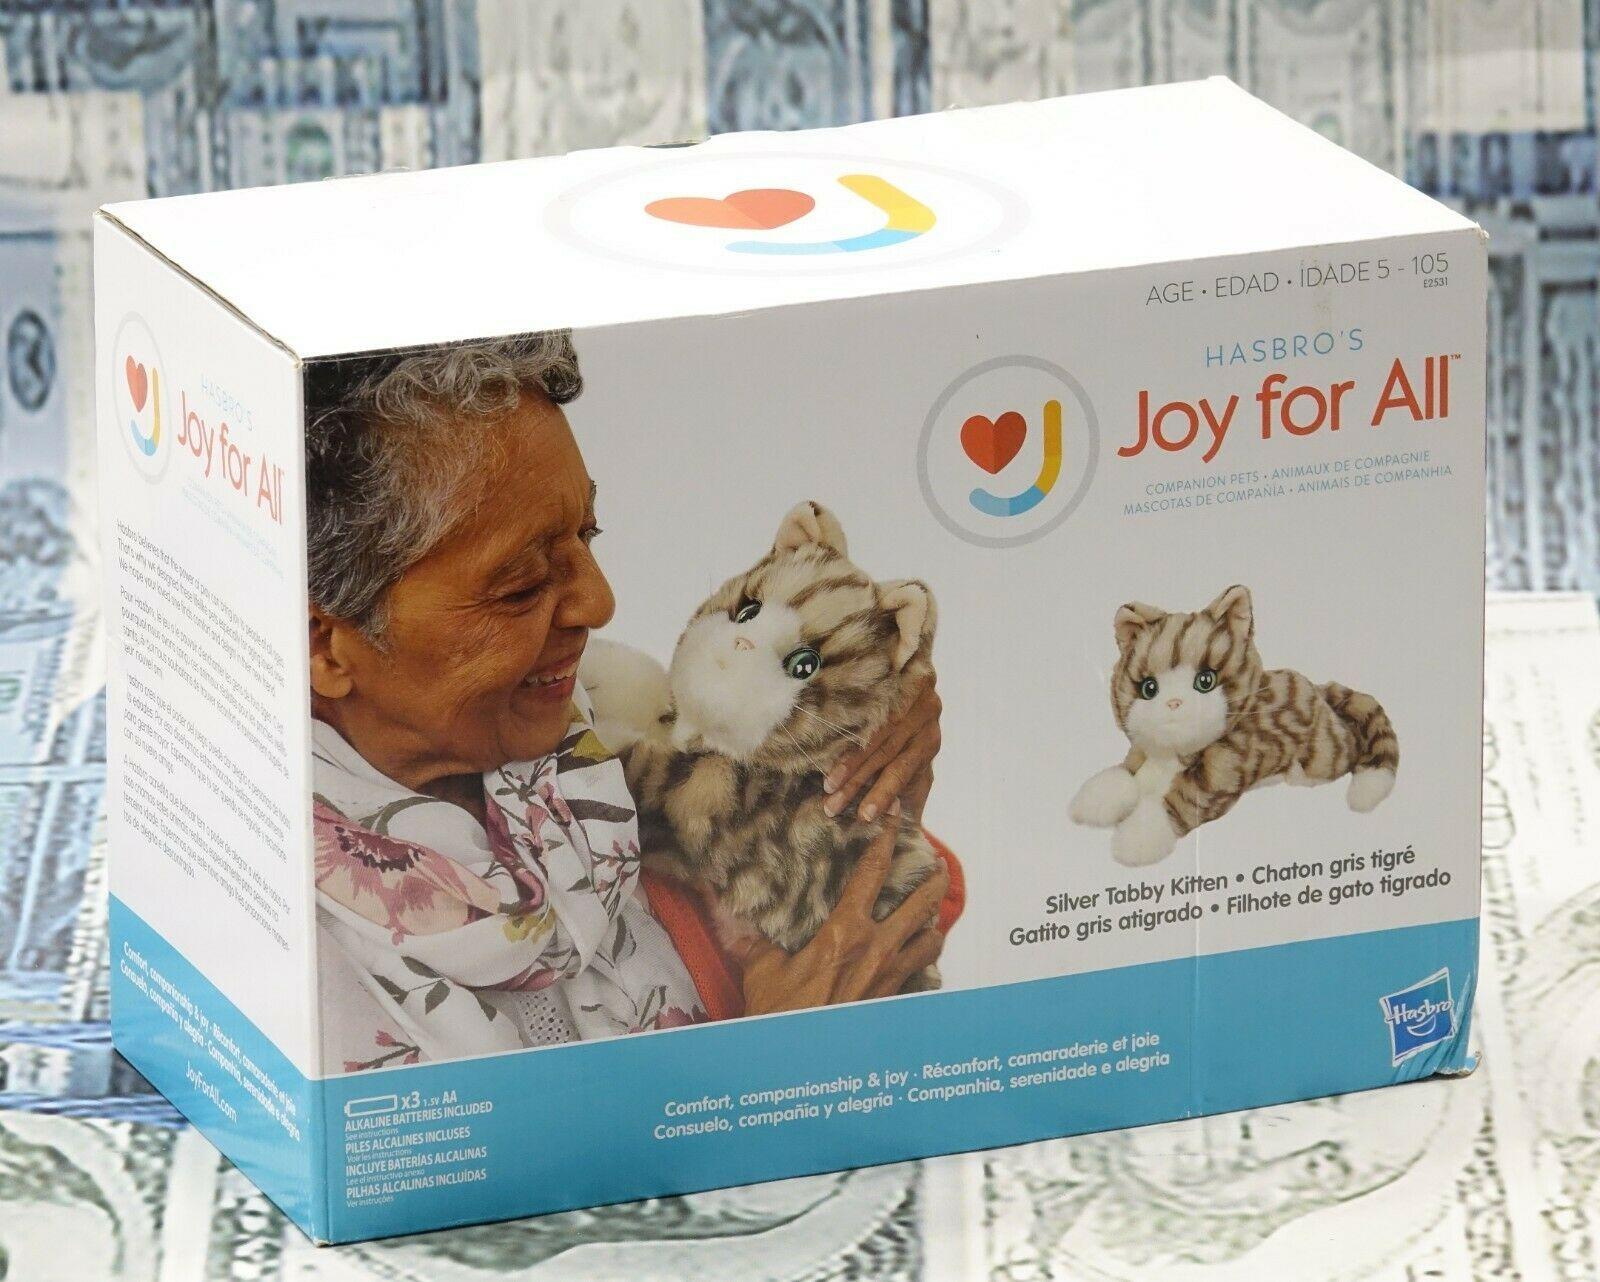 HASBRO'S JOY FOR ALL Companion Pets Silver Tabby Kitten E2531 New - $79.19